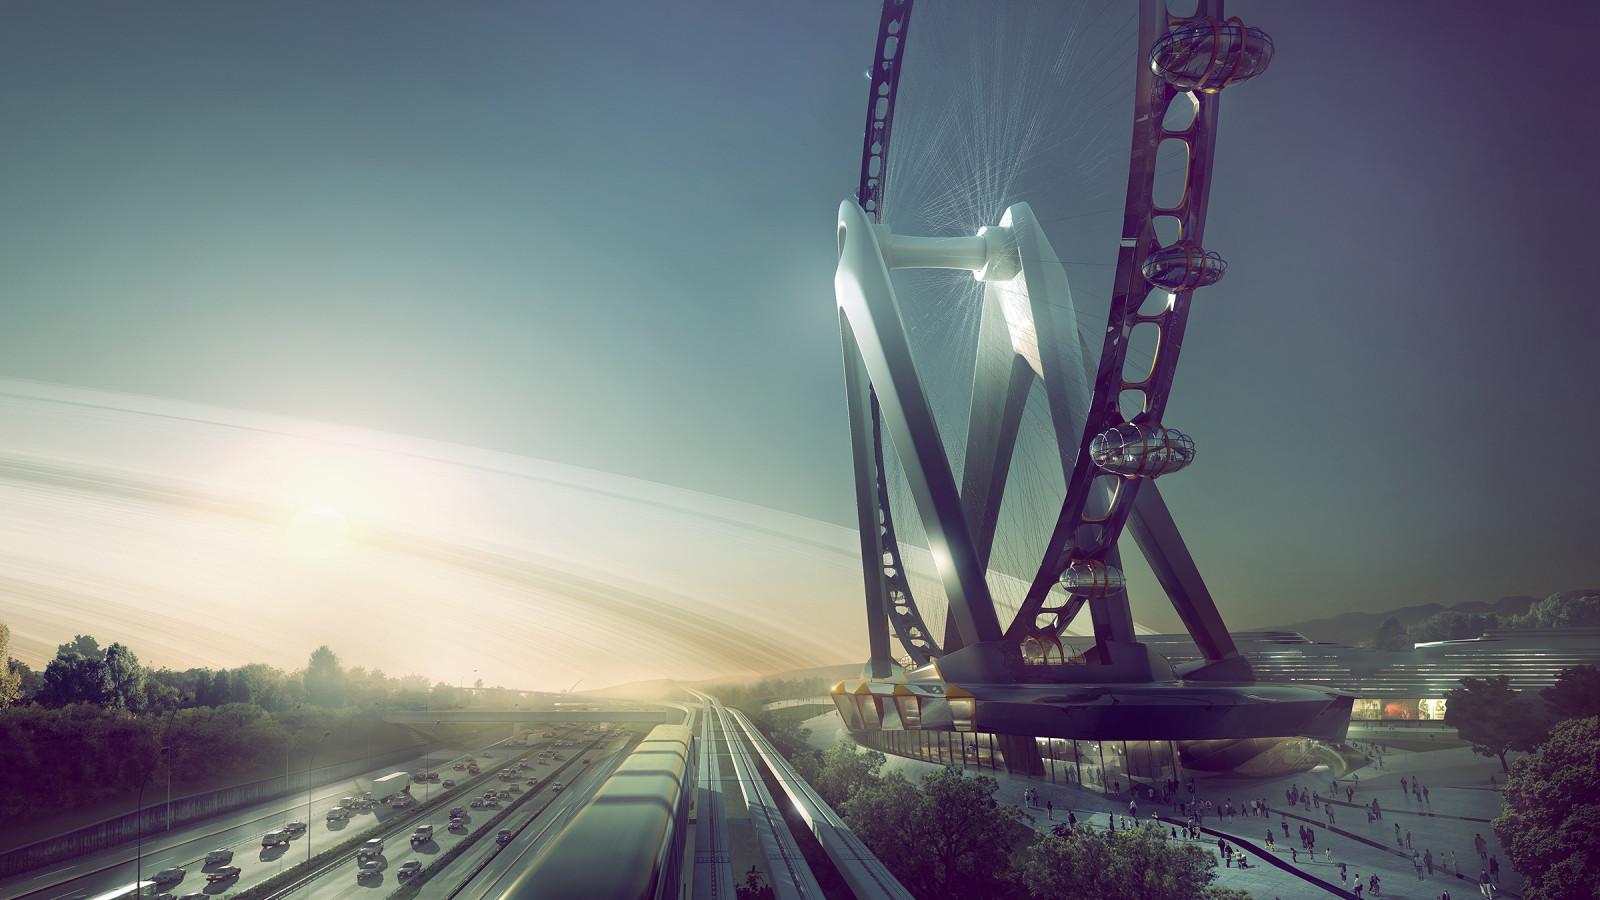 Amsterdammers bouwen grootste reuzenrad ter wereld - AT5